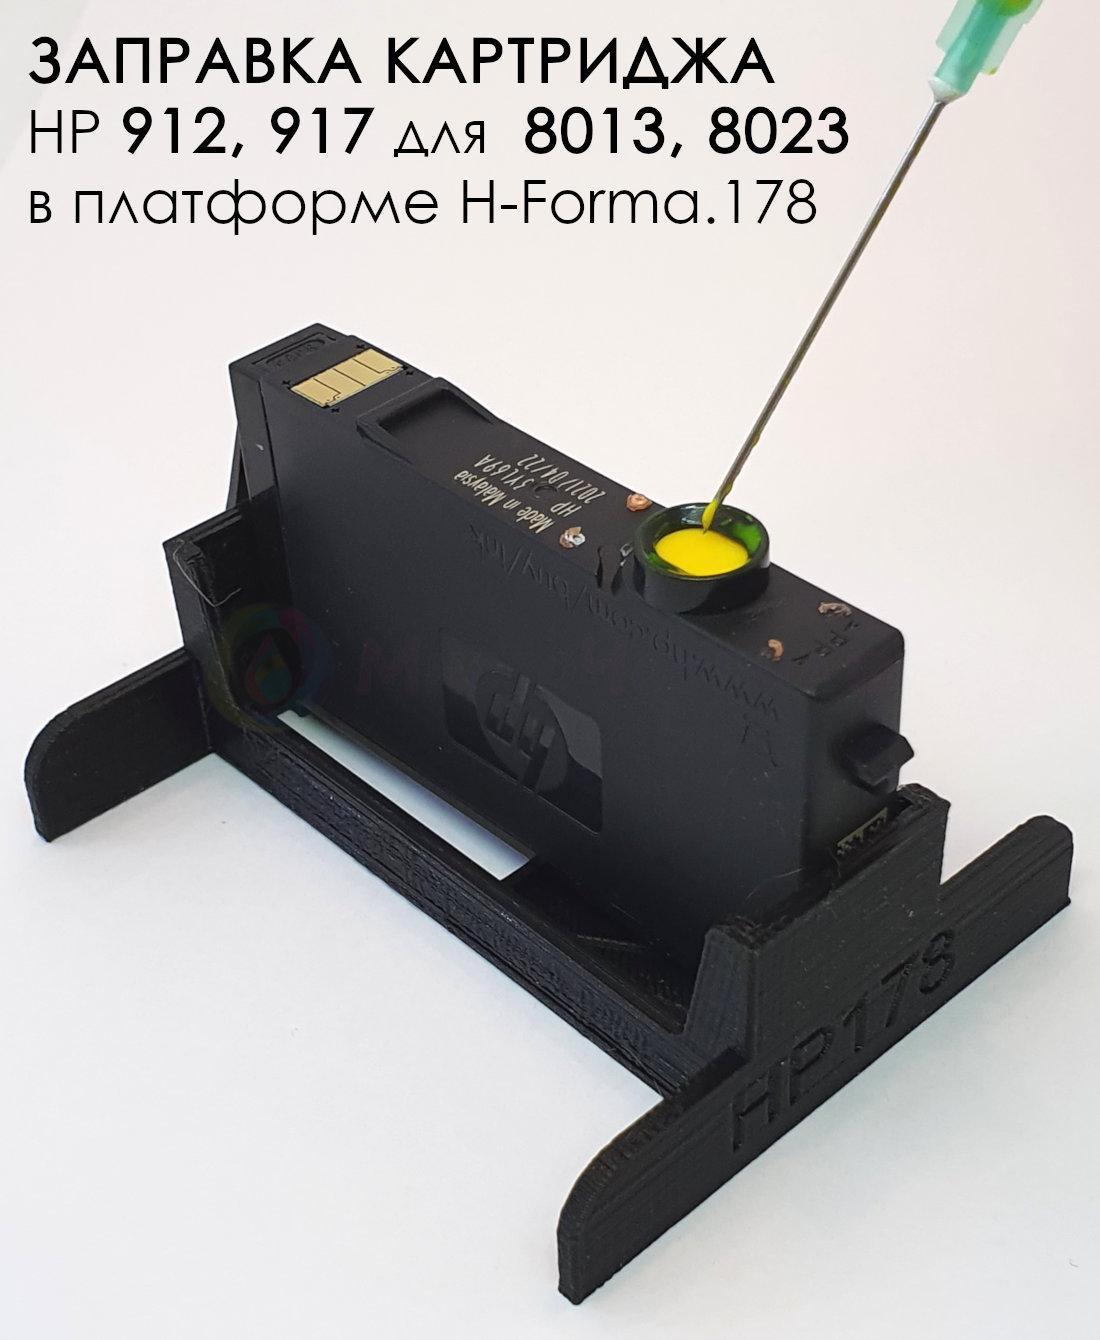 Заправка картриджей HP 912, 917 для 8013, 8023